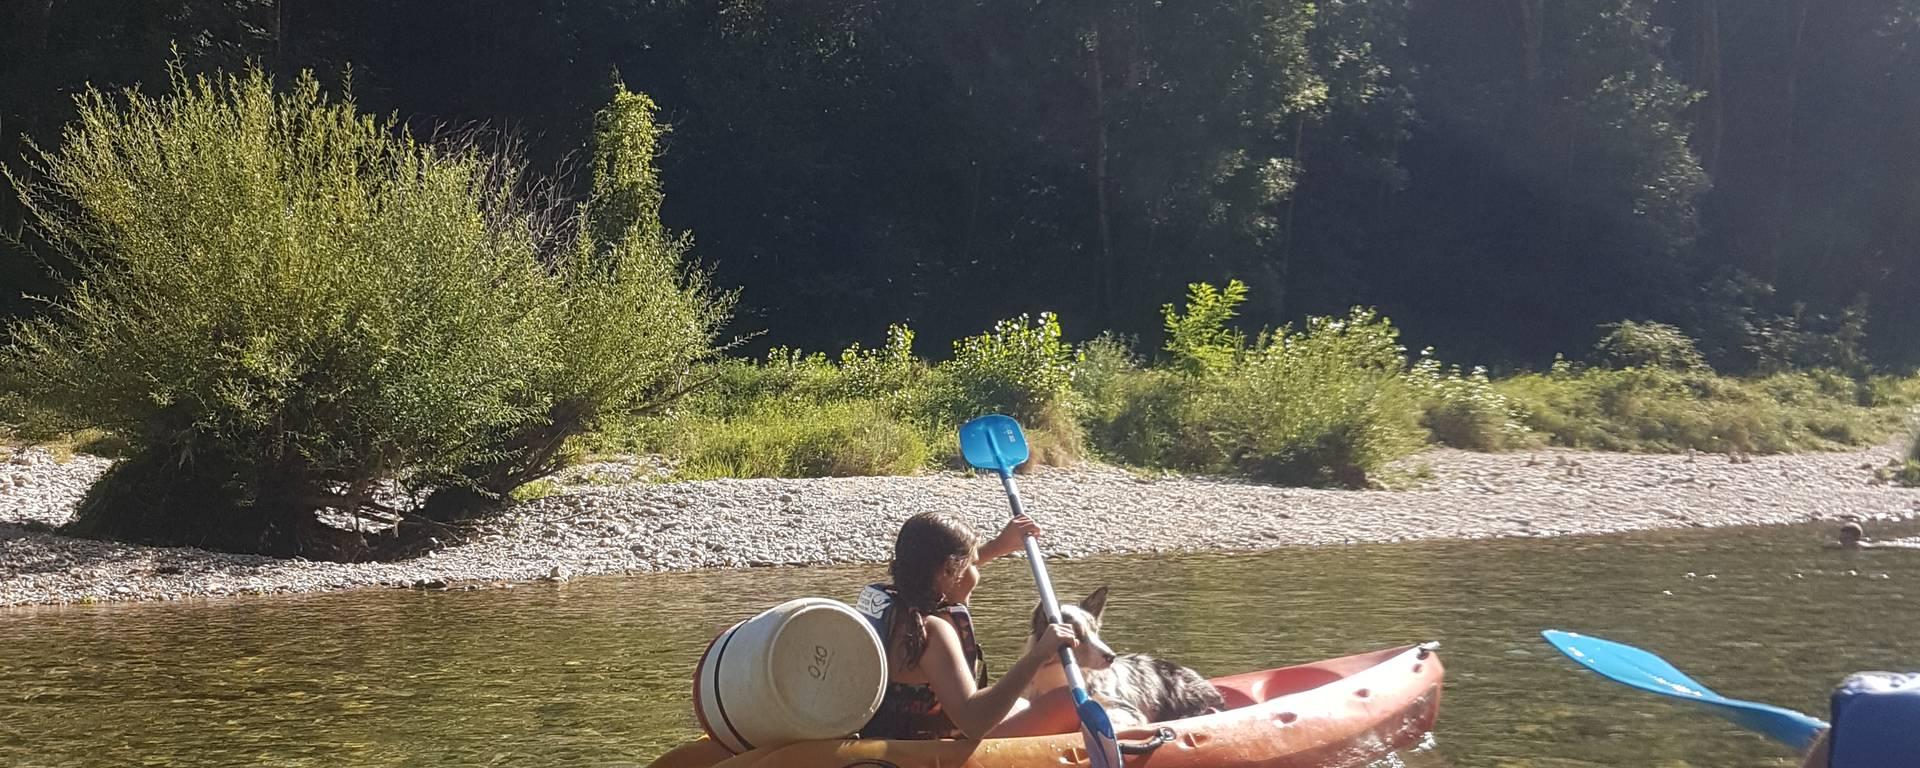 Faire du canoë avec son chien, c'est possible !